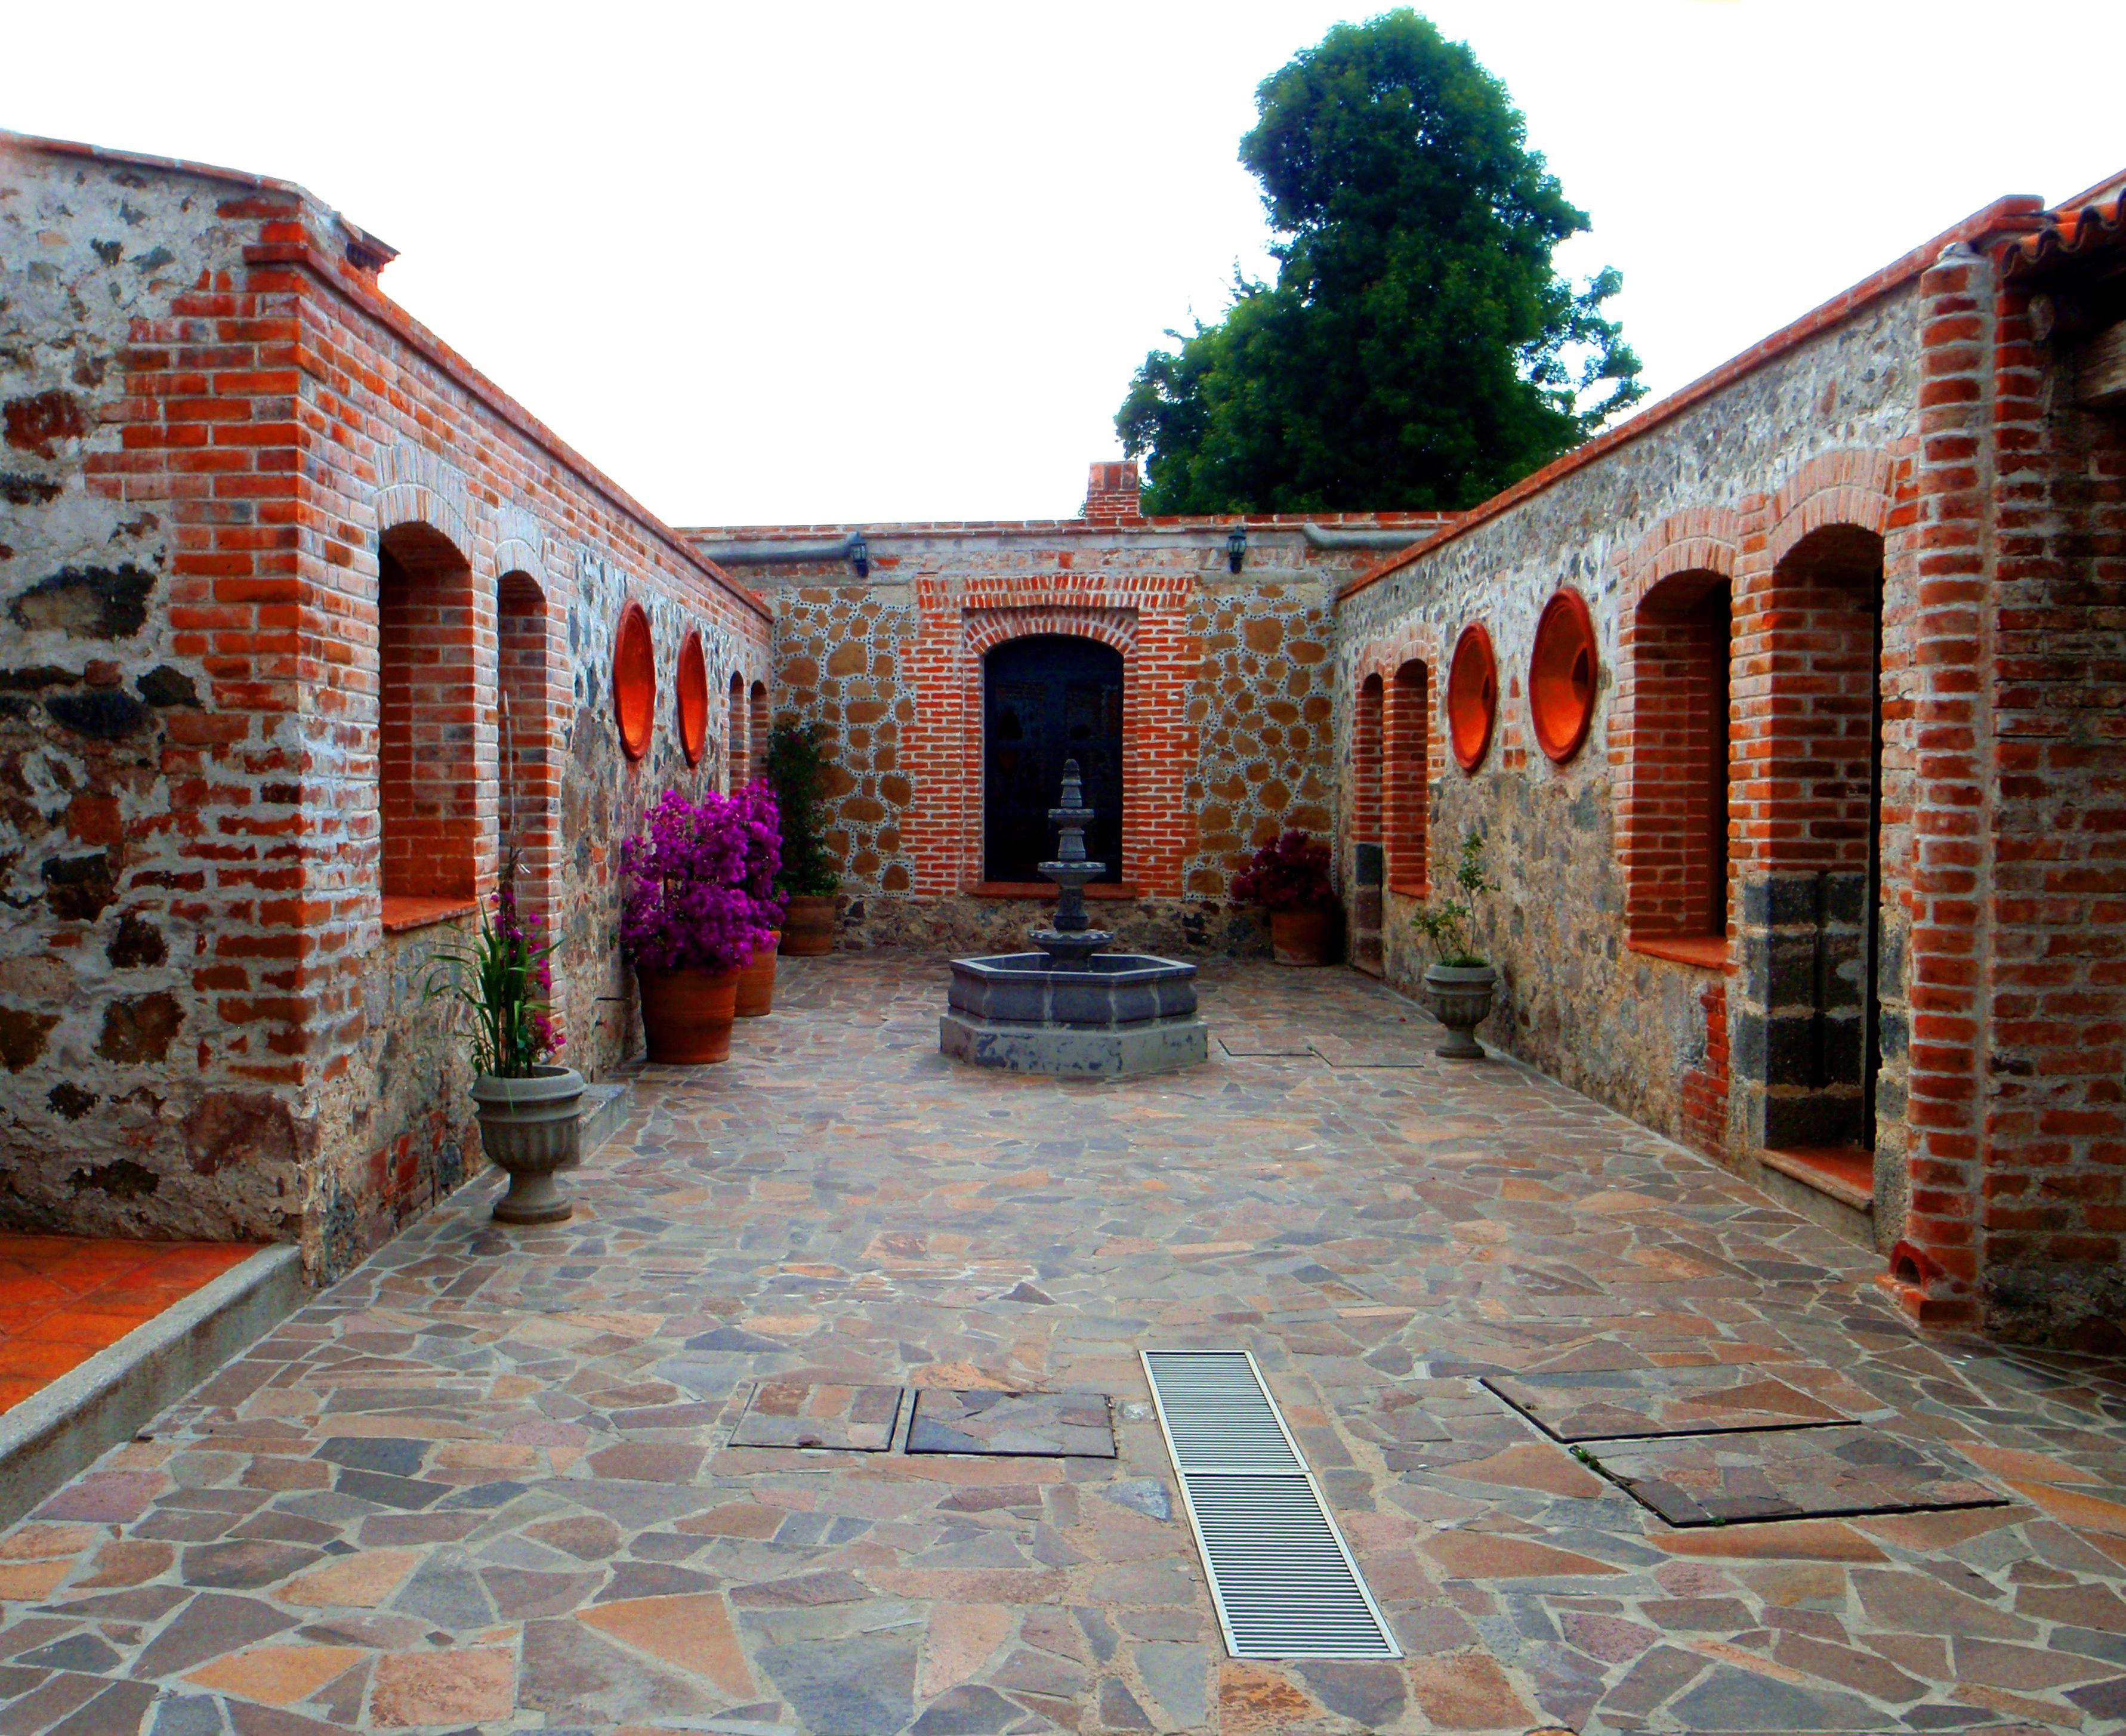 Hacienda Xalostoc, Tlaxcala, Mexico Colonial Mexican